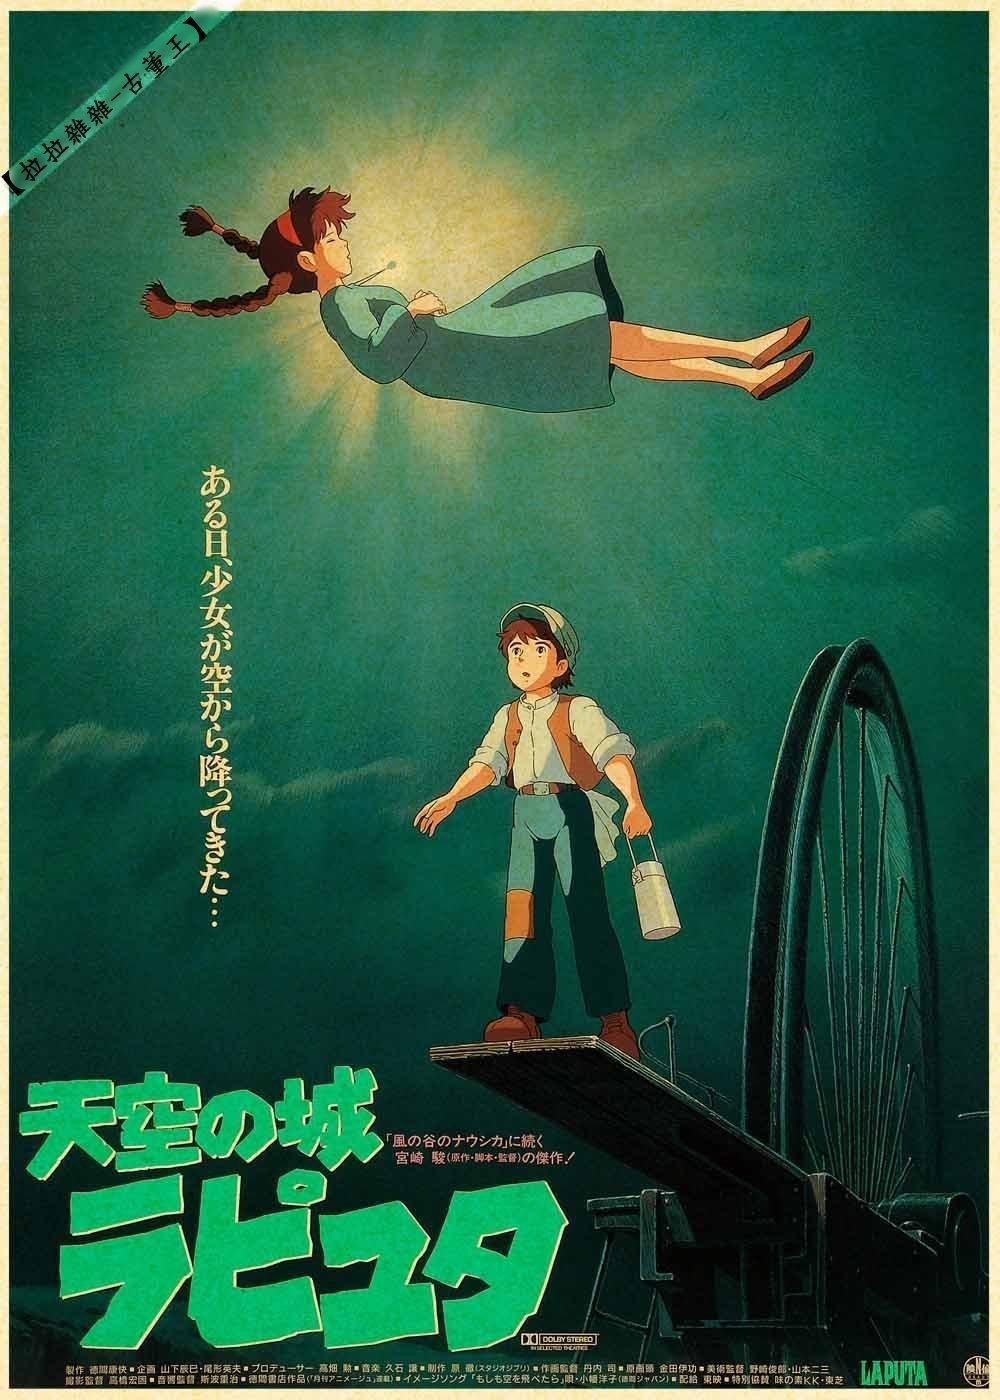 【貼貼屋】天空之城-宮崎駿系列 懷舊復古 牛皮紙海報 壁貼 店面裝飾 電影海報 528